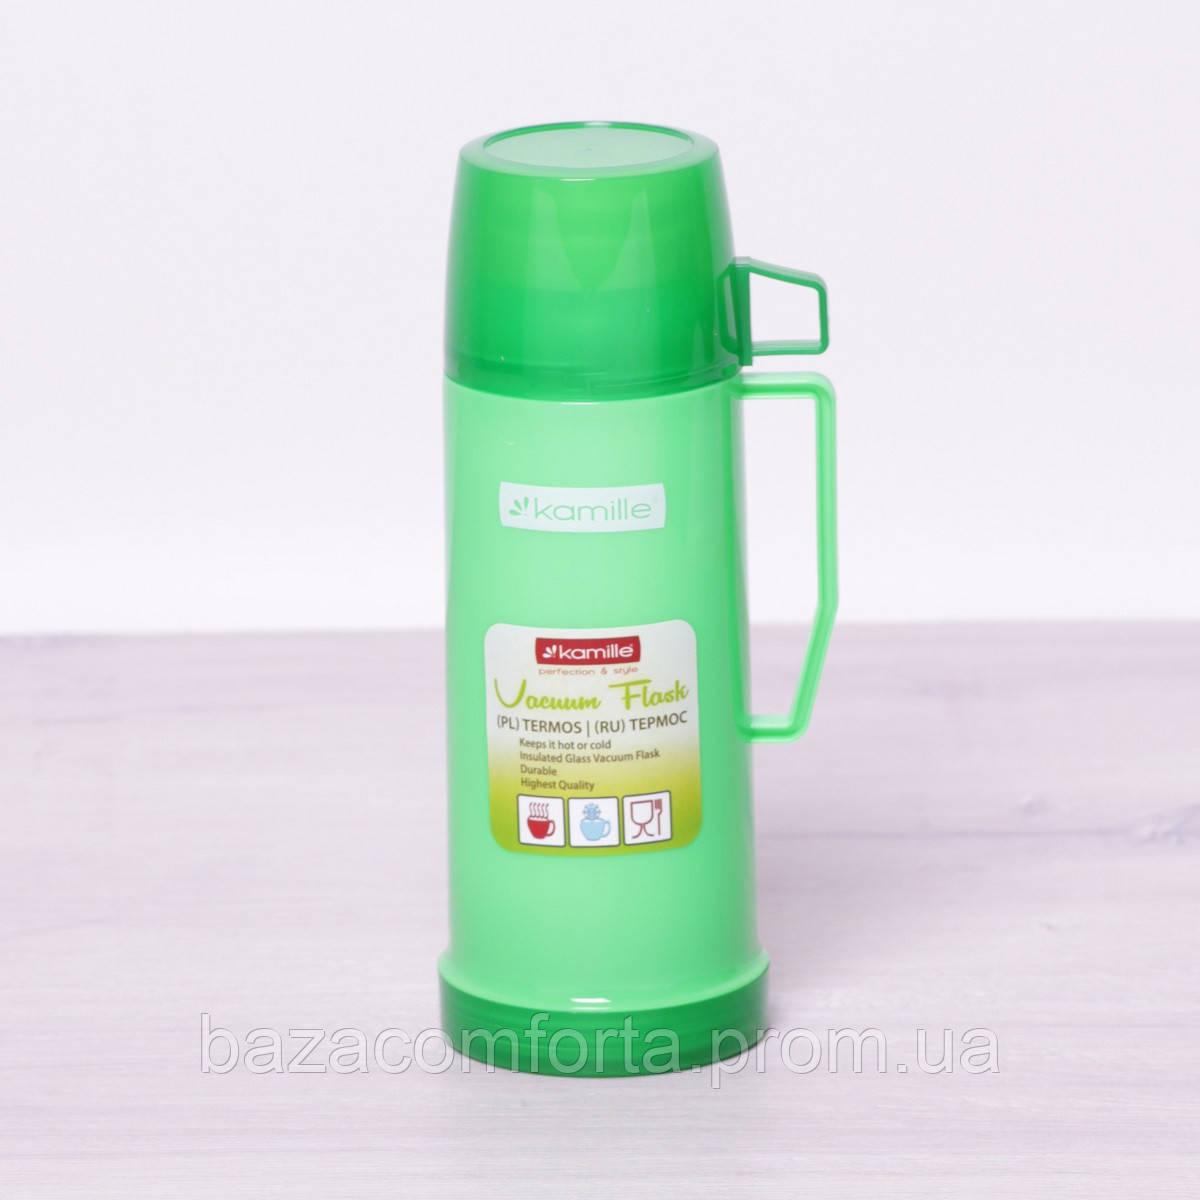 Термос 2070 пластиковый со стеклянной колбой Kamille 450мл